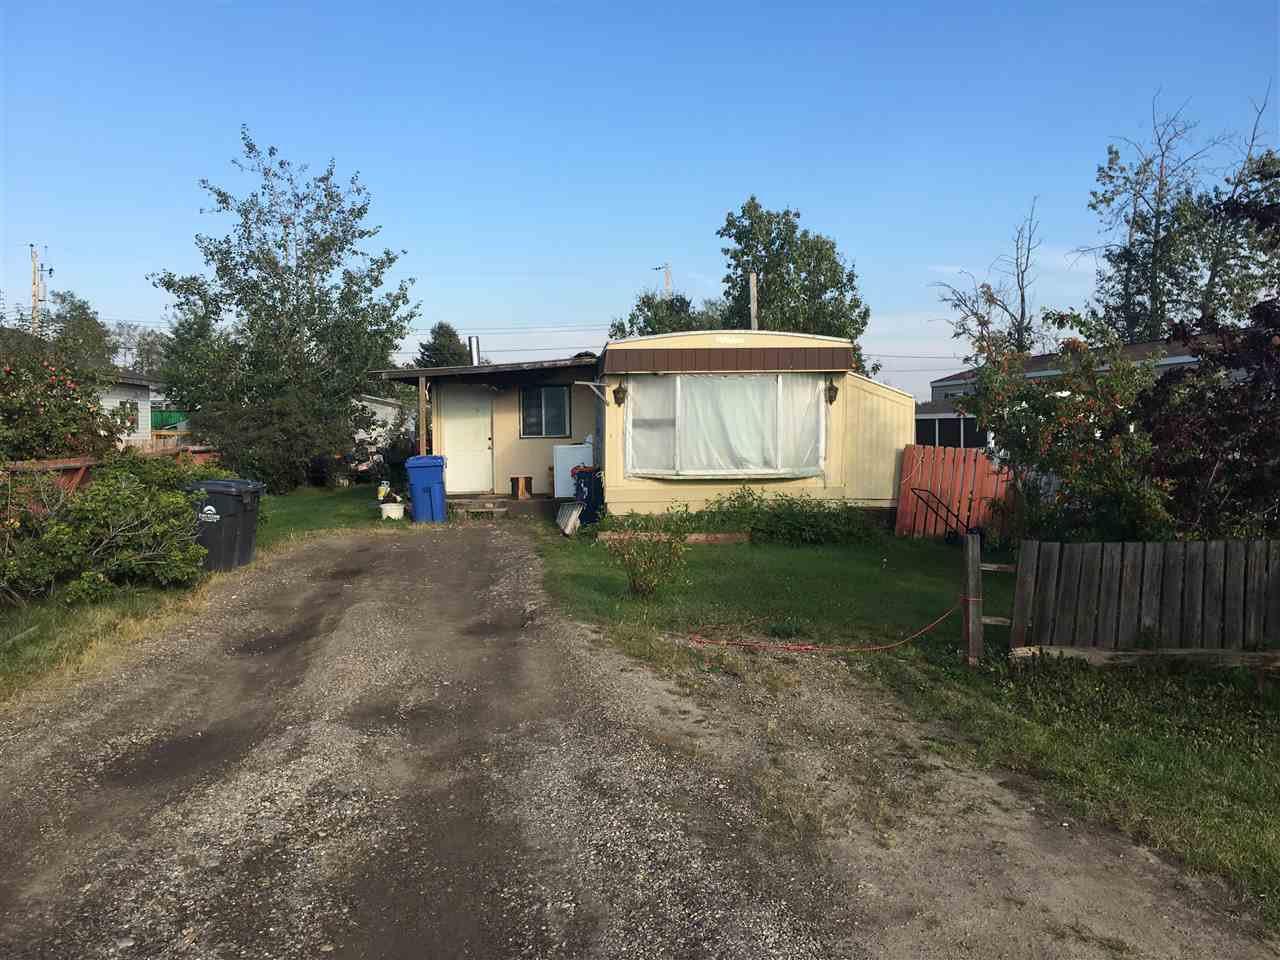 Main Photo: 8507 77 Street in Fort St. John: Fort St. John - City SE Manufactured Home for sale (Fort St. John (Zone 60))  : MLS®# R2489569